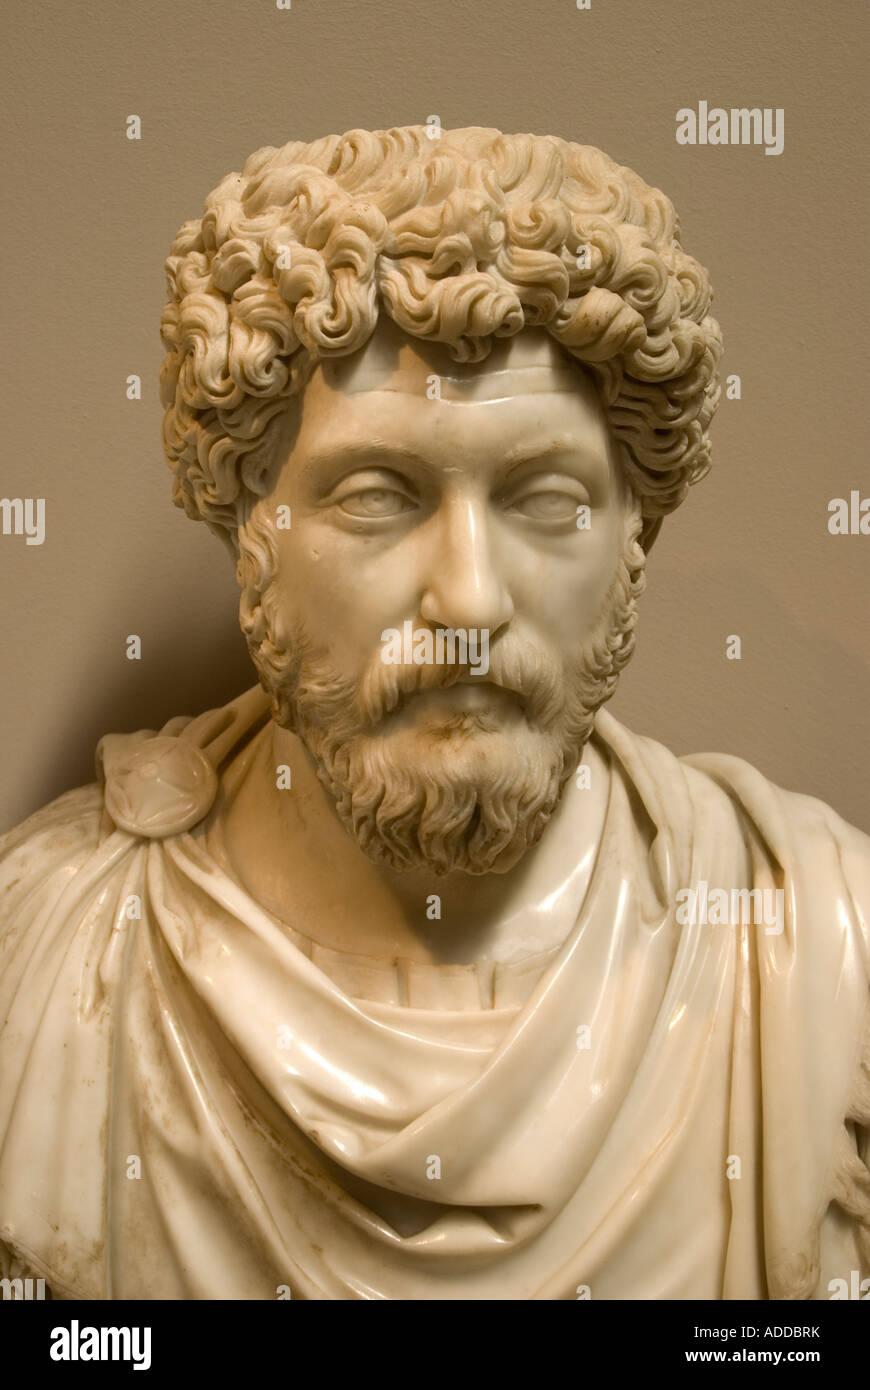 Musée d'Ephèse, buste de l'empereur romain Marcus Aurelius, du 2e siècle de notre ère, Photo Stock